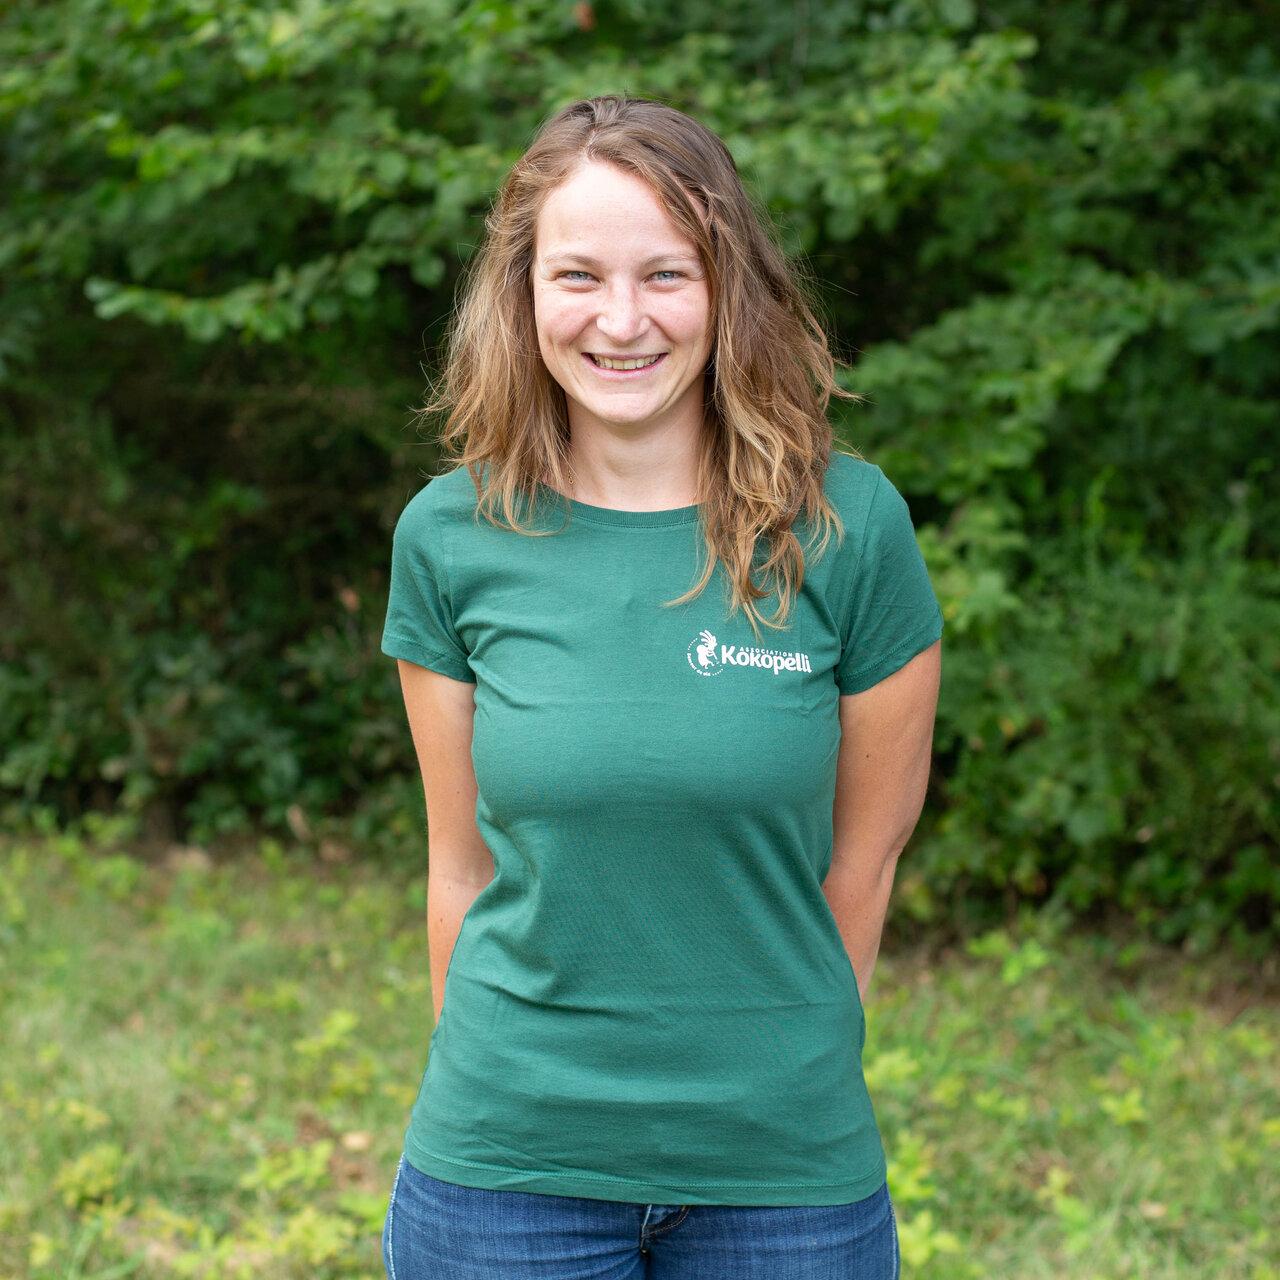 Vêtements - T-Shirt femme vert bouteille, taille L